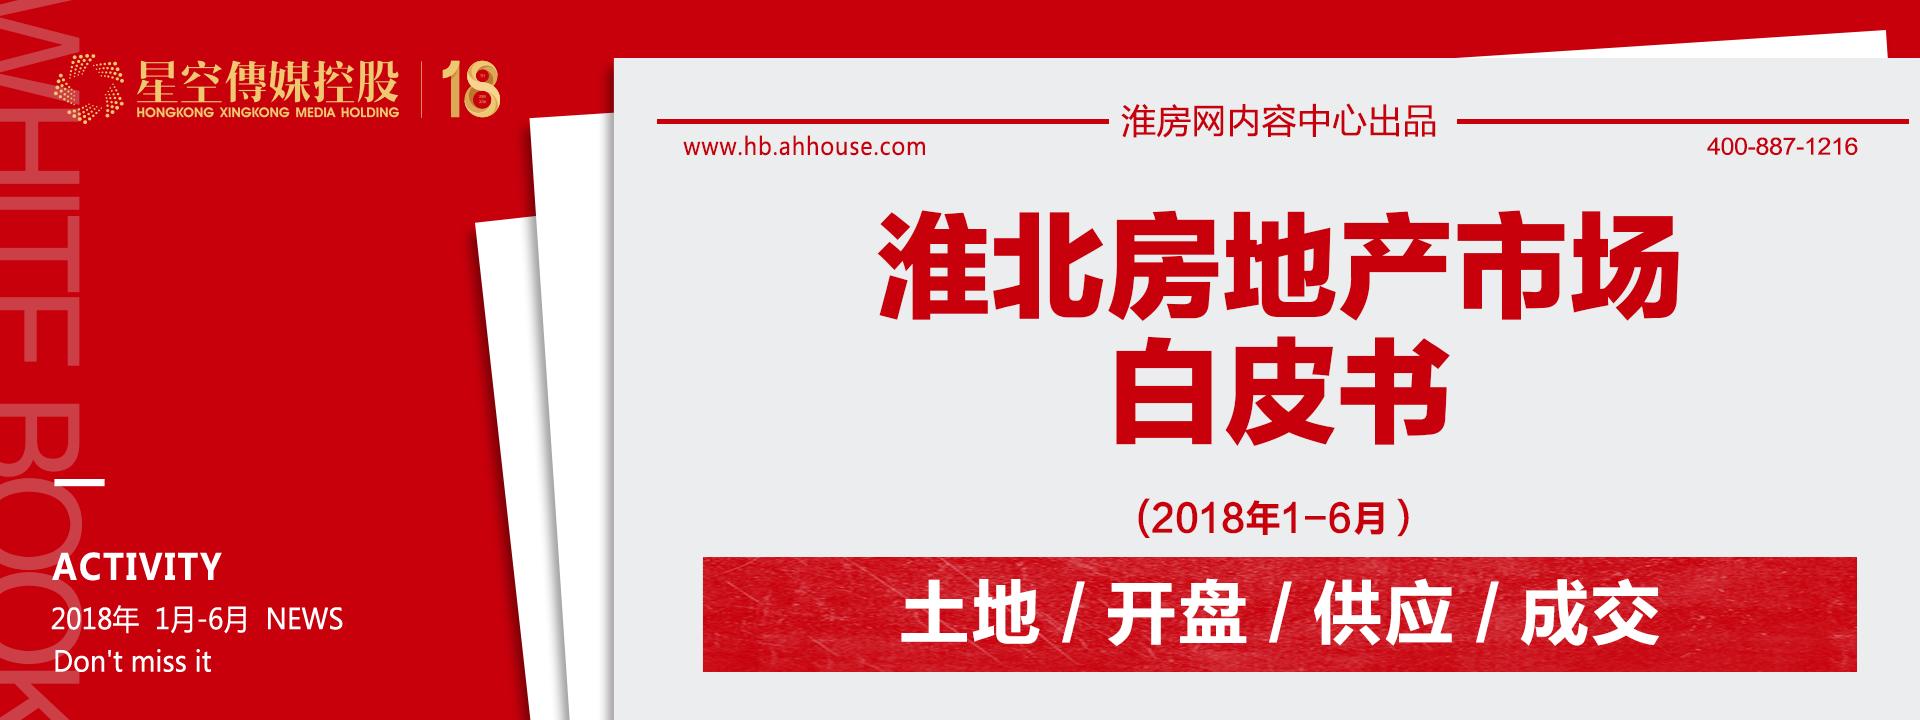 淮房网独家—淮北房地产市场2018年中楼市白皮书